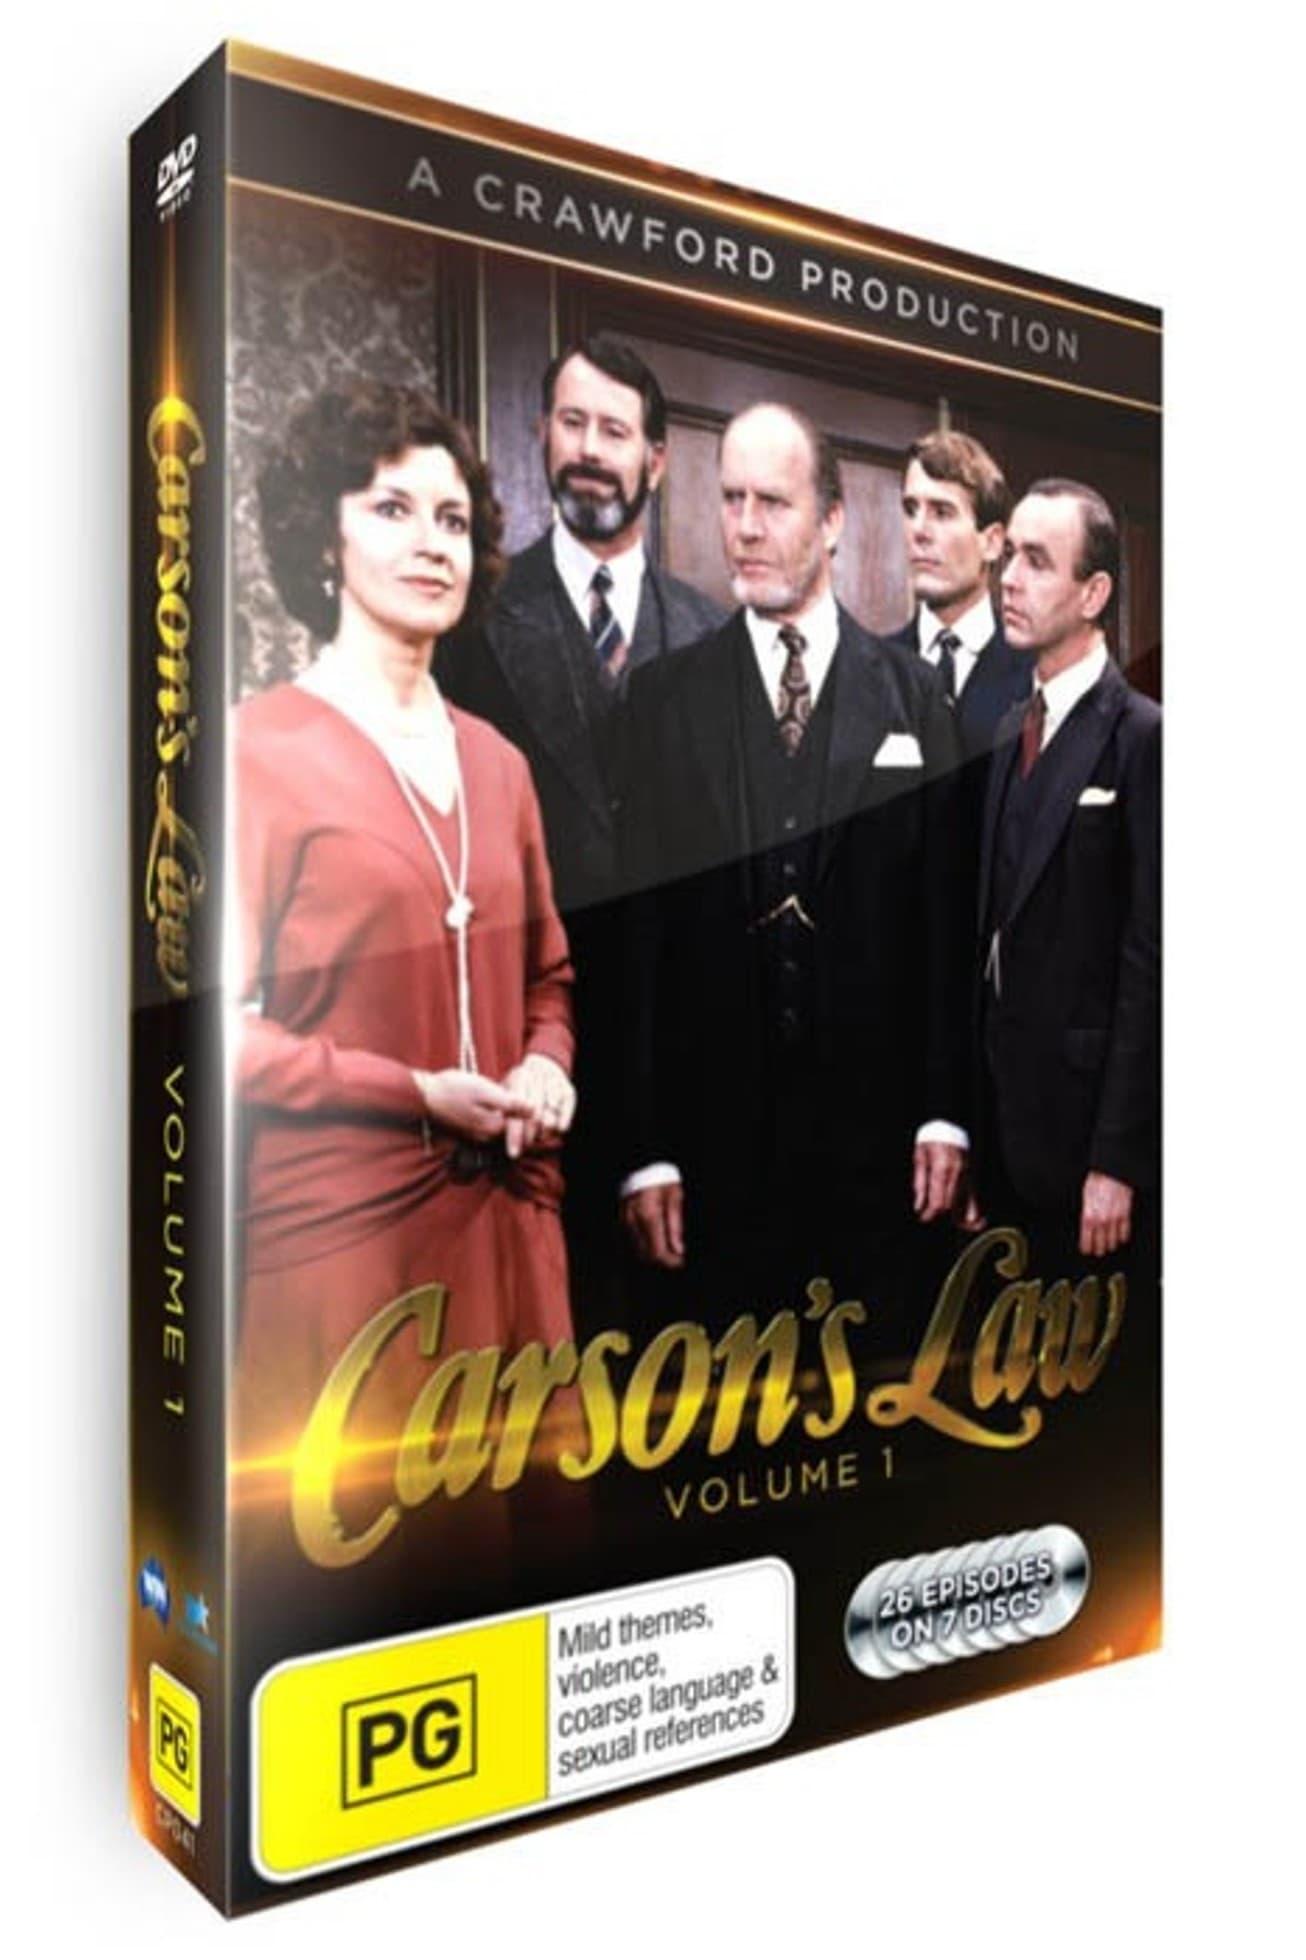 Carson's Law (1983)